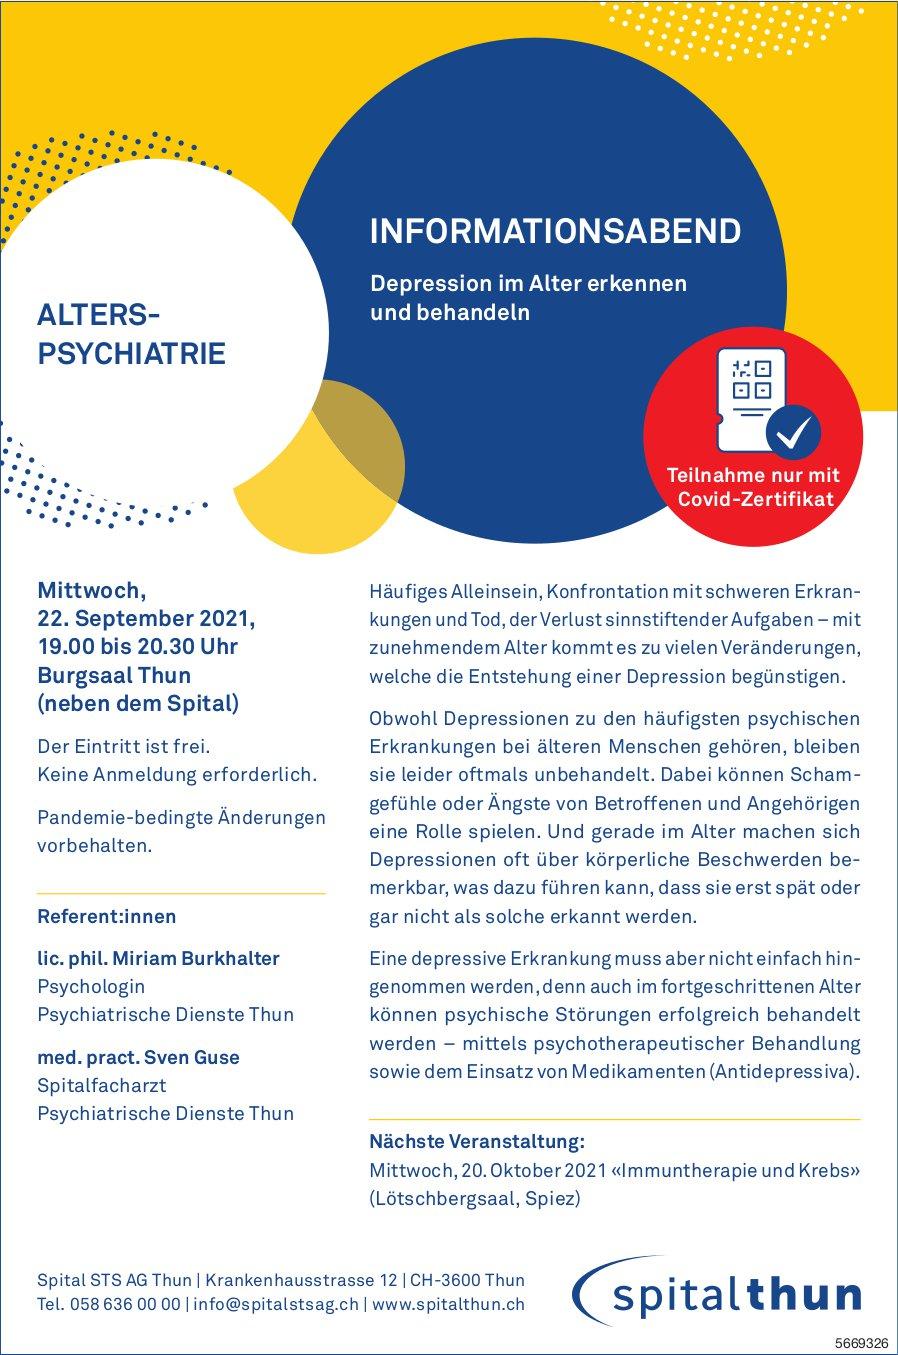 Spital STS AG - Informationsabend: Depression im Alter erkennen und behandeln, 22. September, Thun